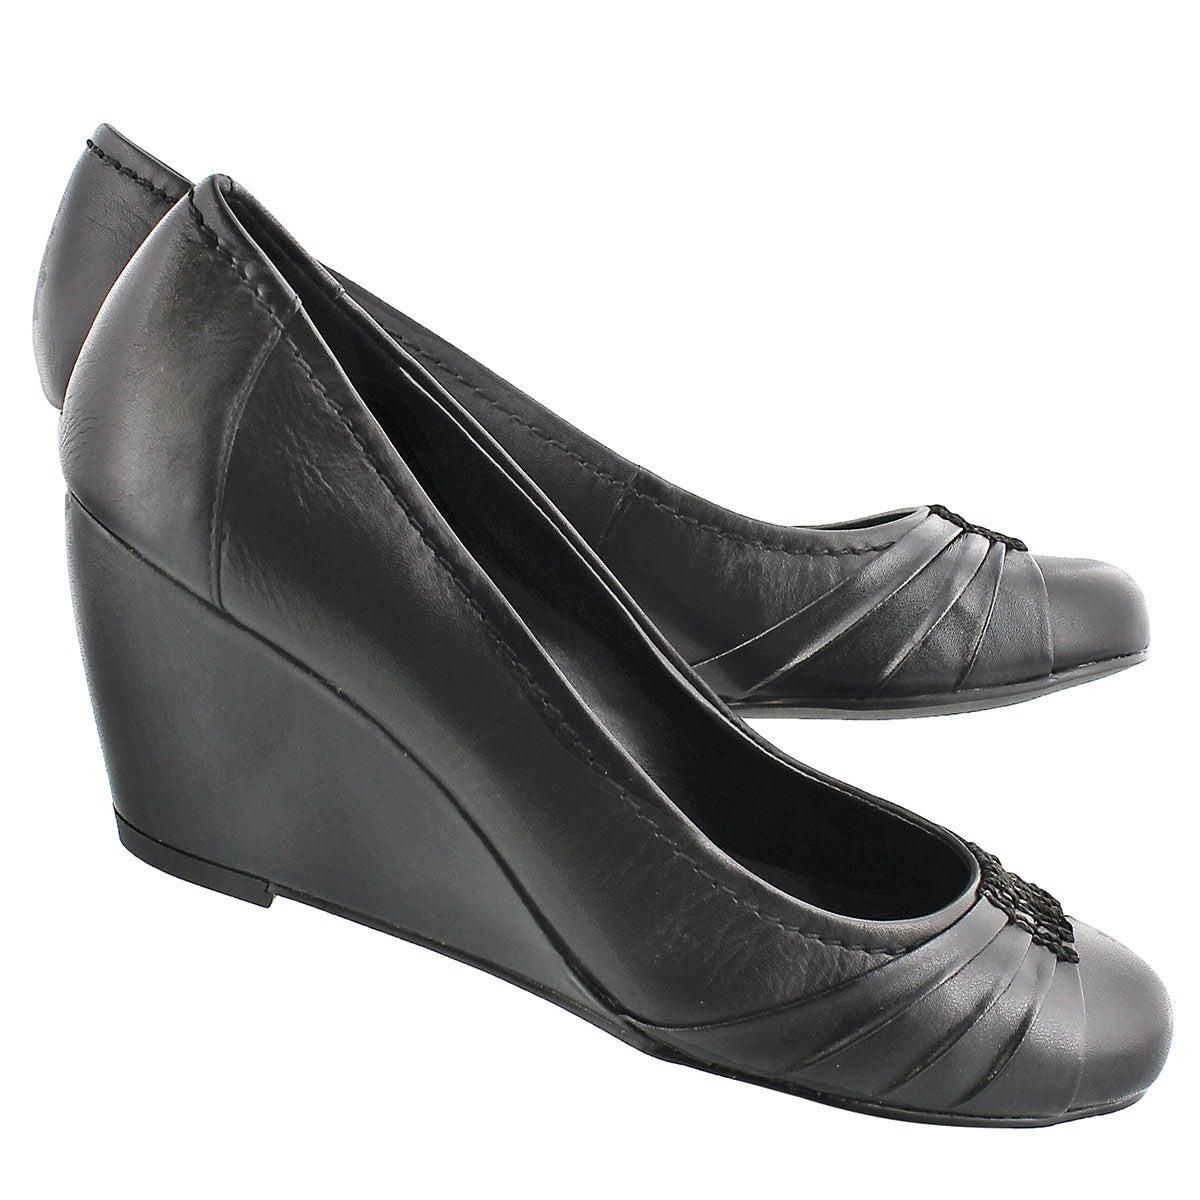 Chaussures compensées Dani noir, femmes